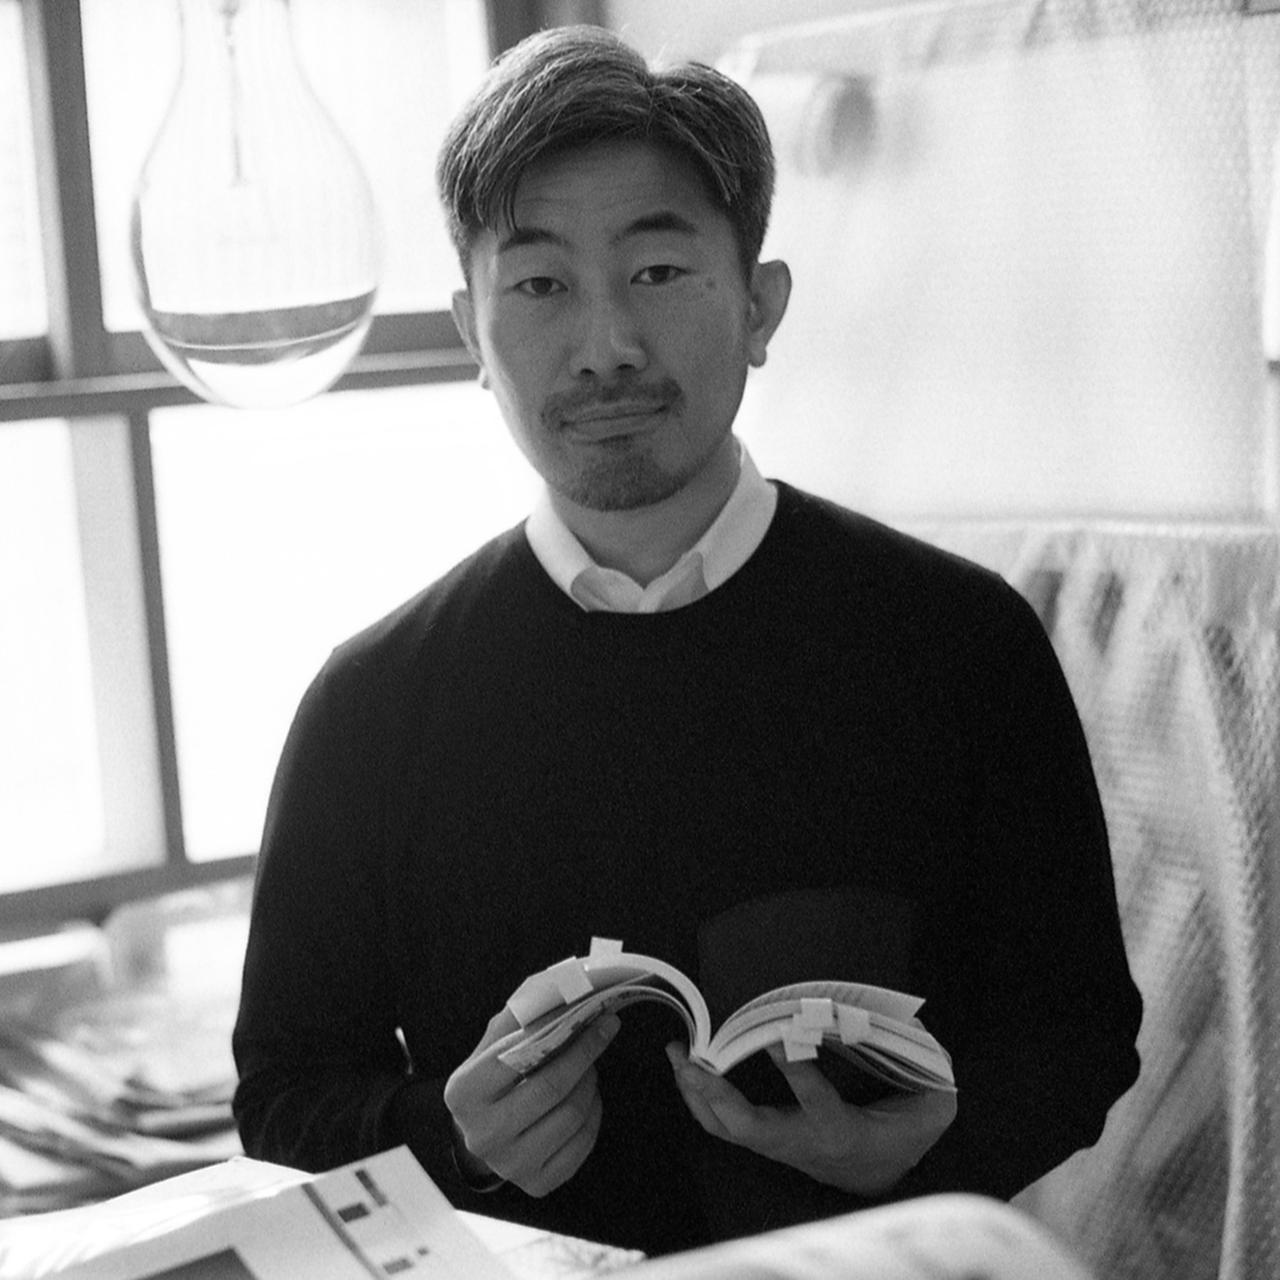 Images : 幅 允孝(YOSHITAKA HABA)さん